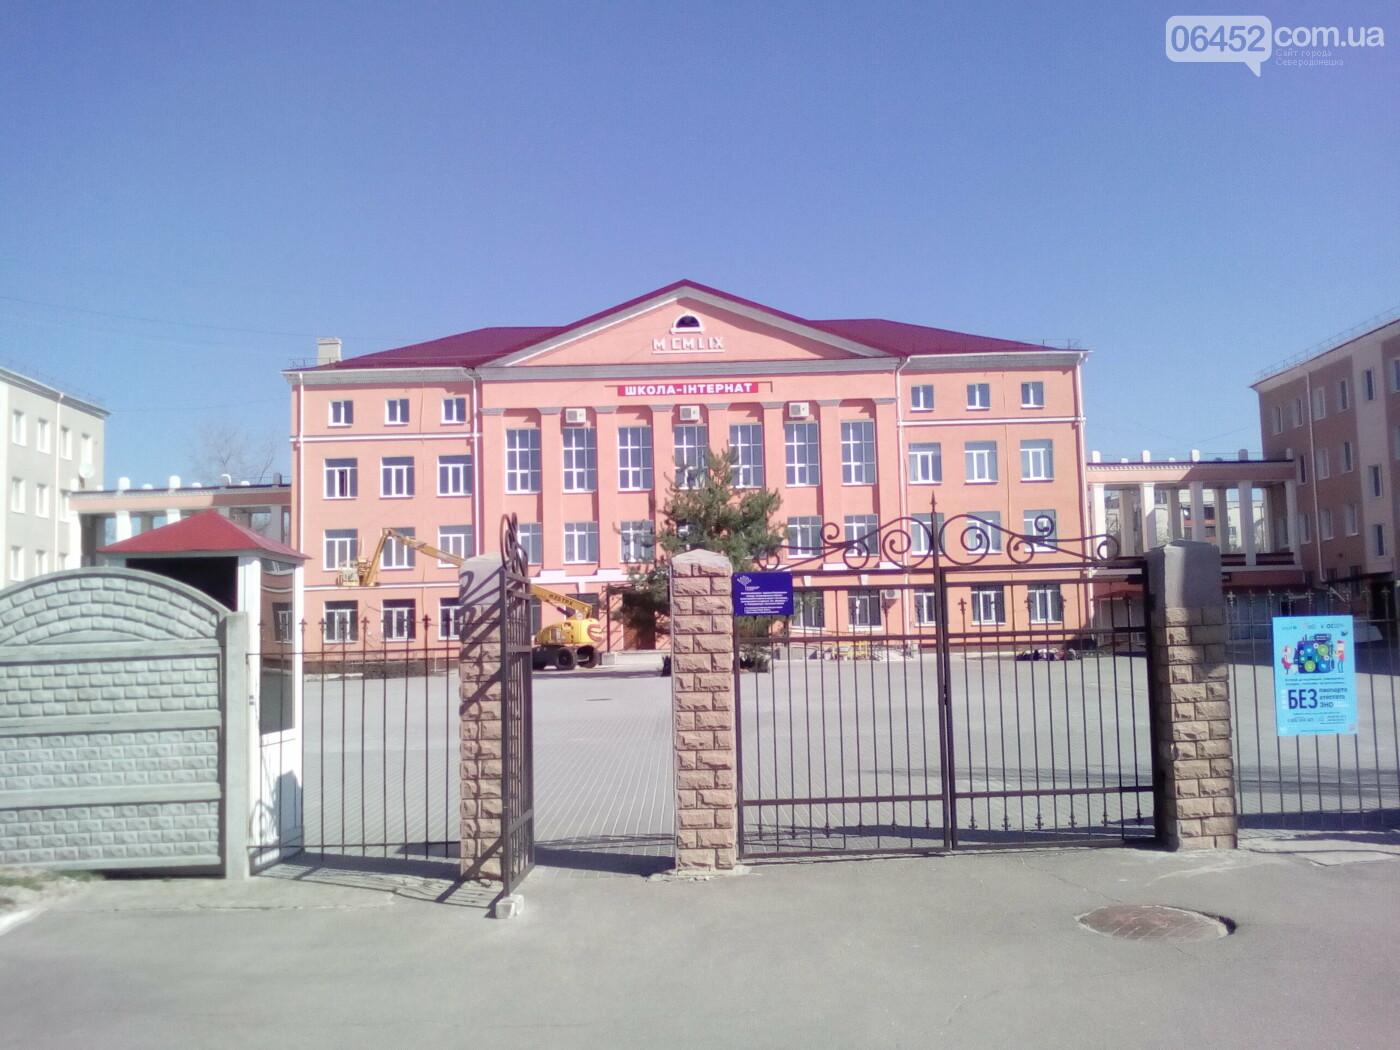 Как  живет Северодонецк в условиях карантина, фото-16